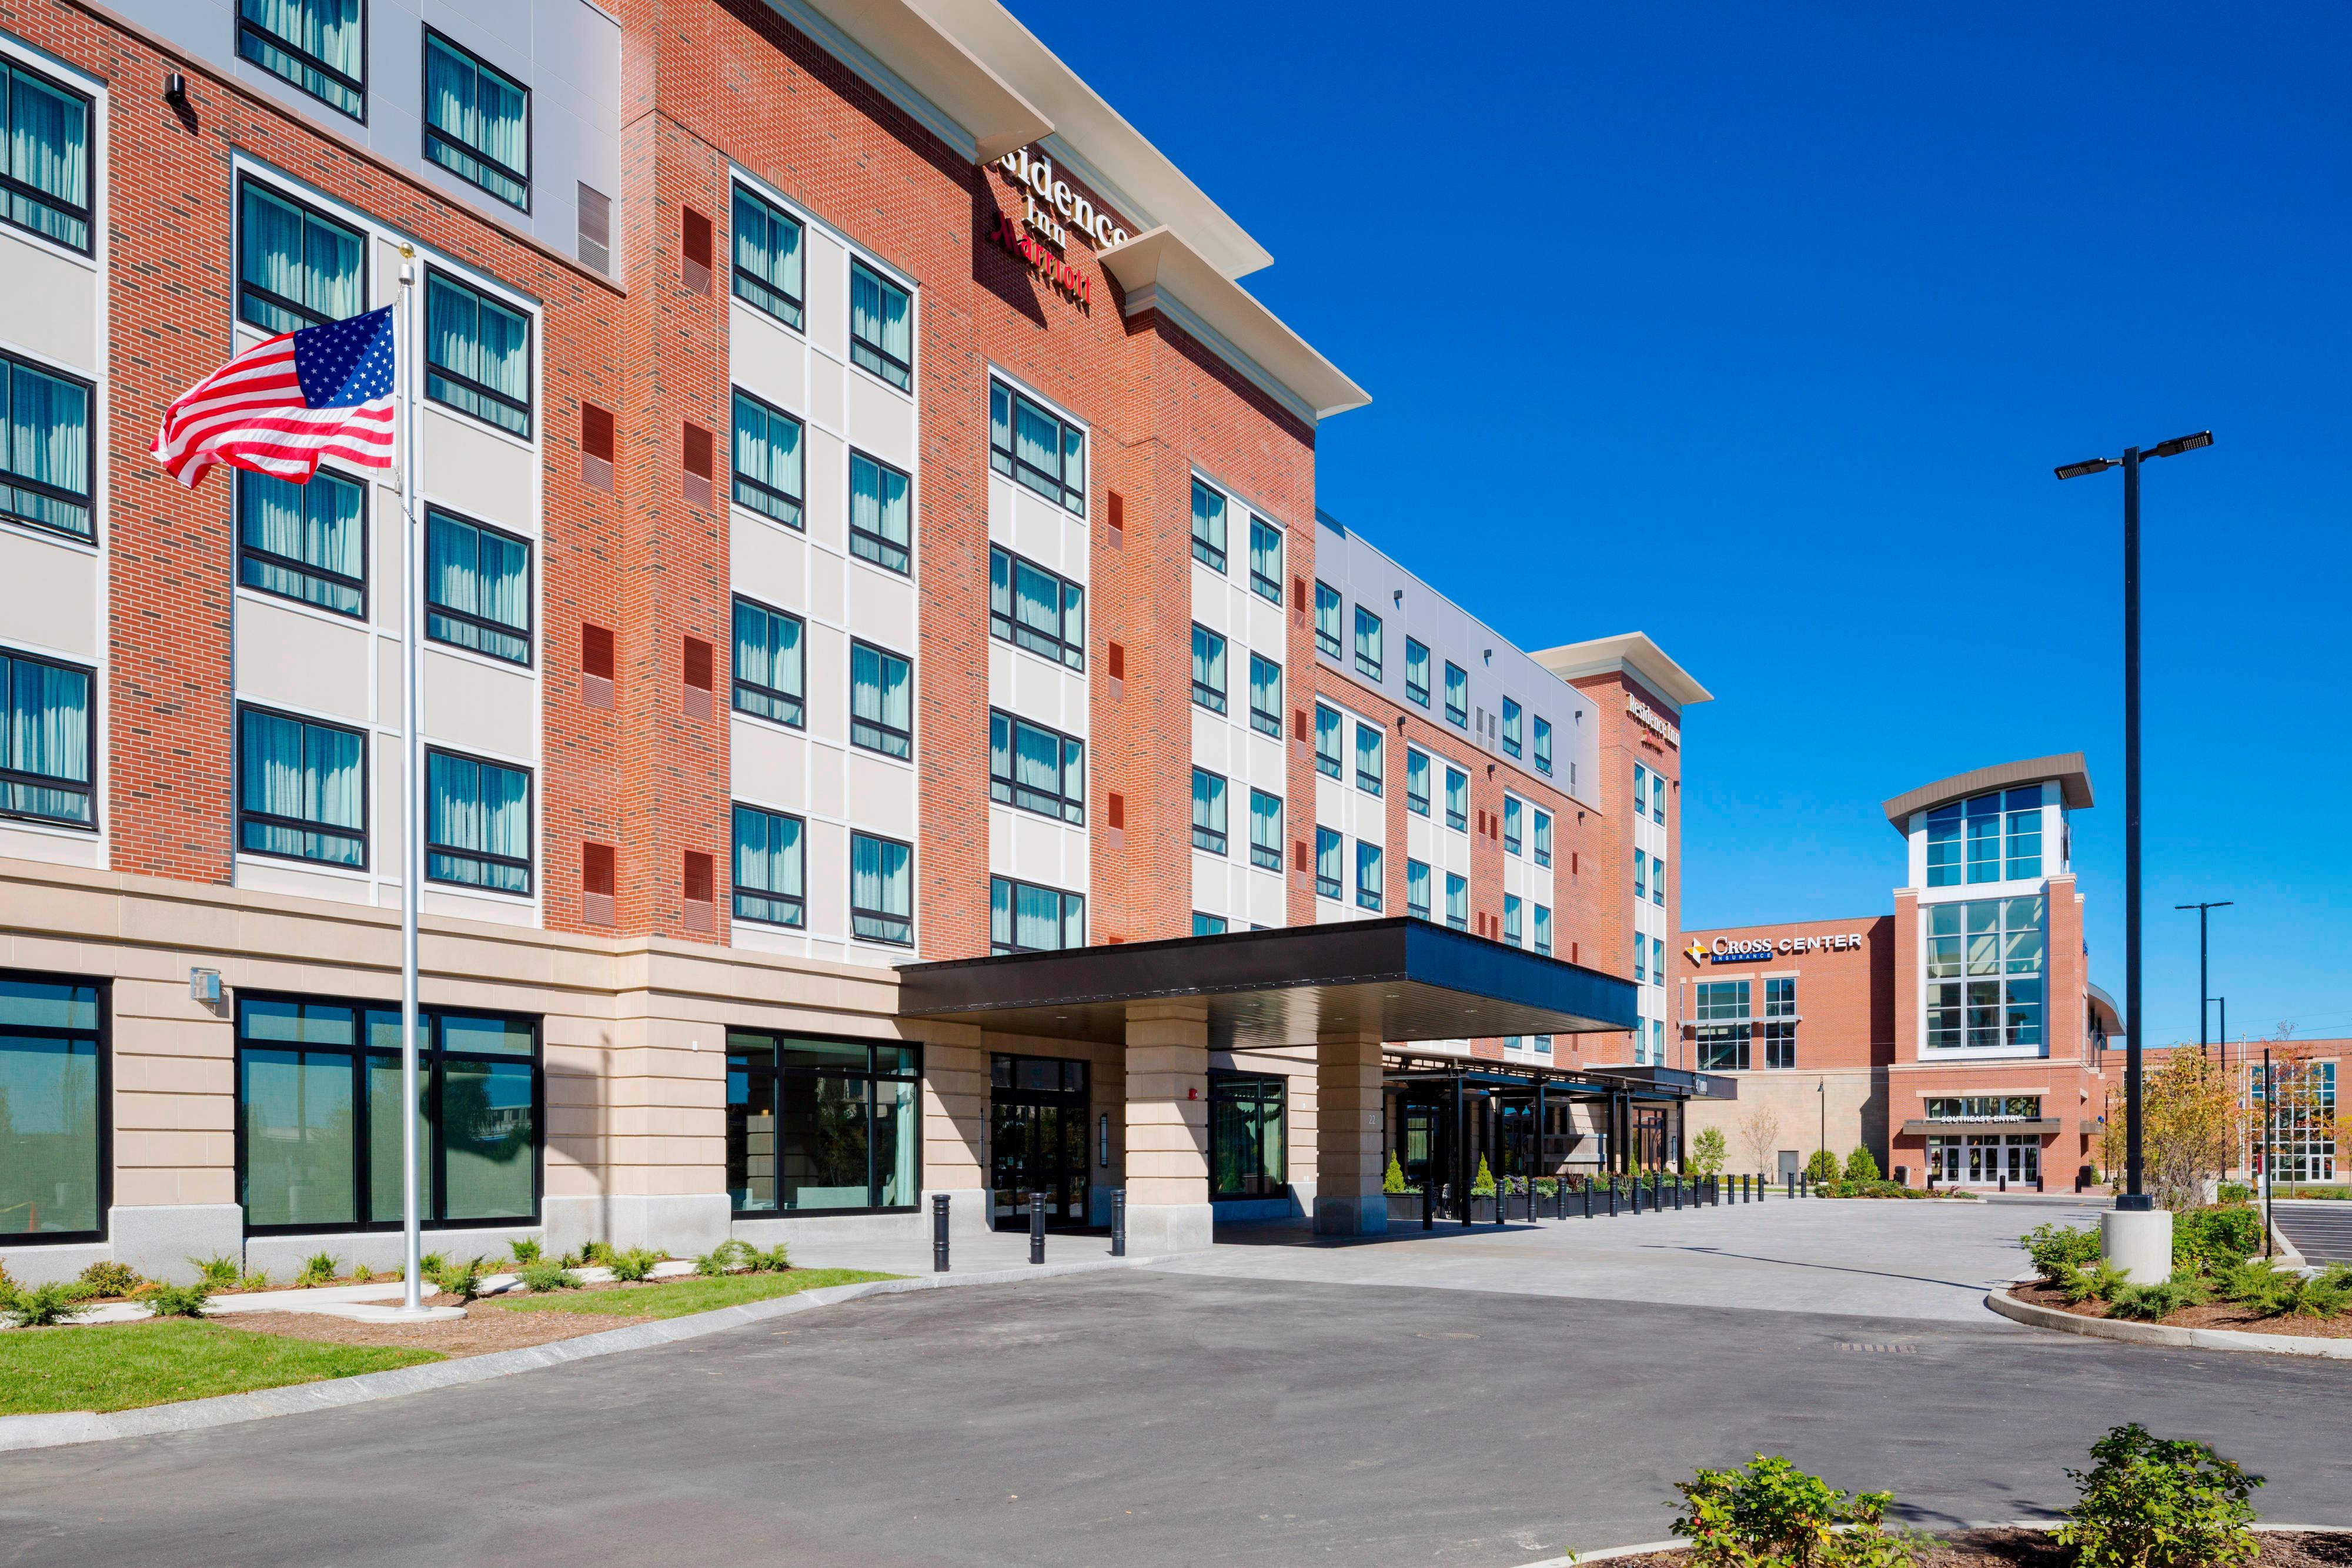 Residence Inn Bangor Marriott